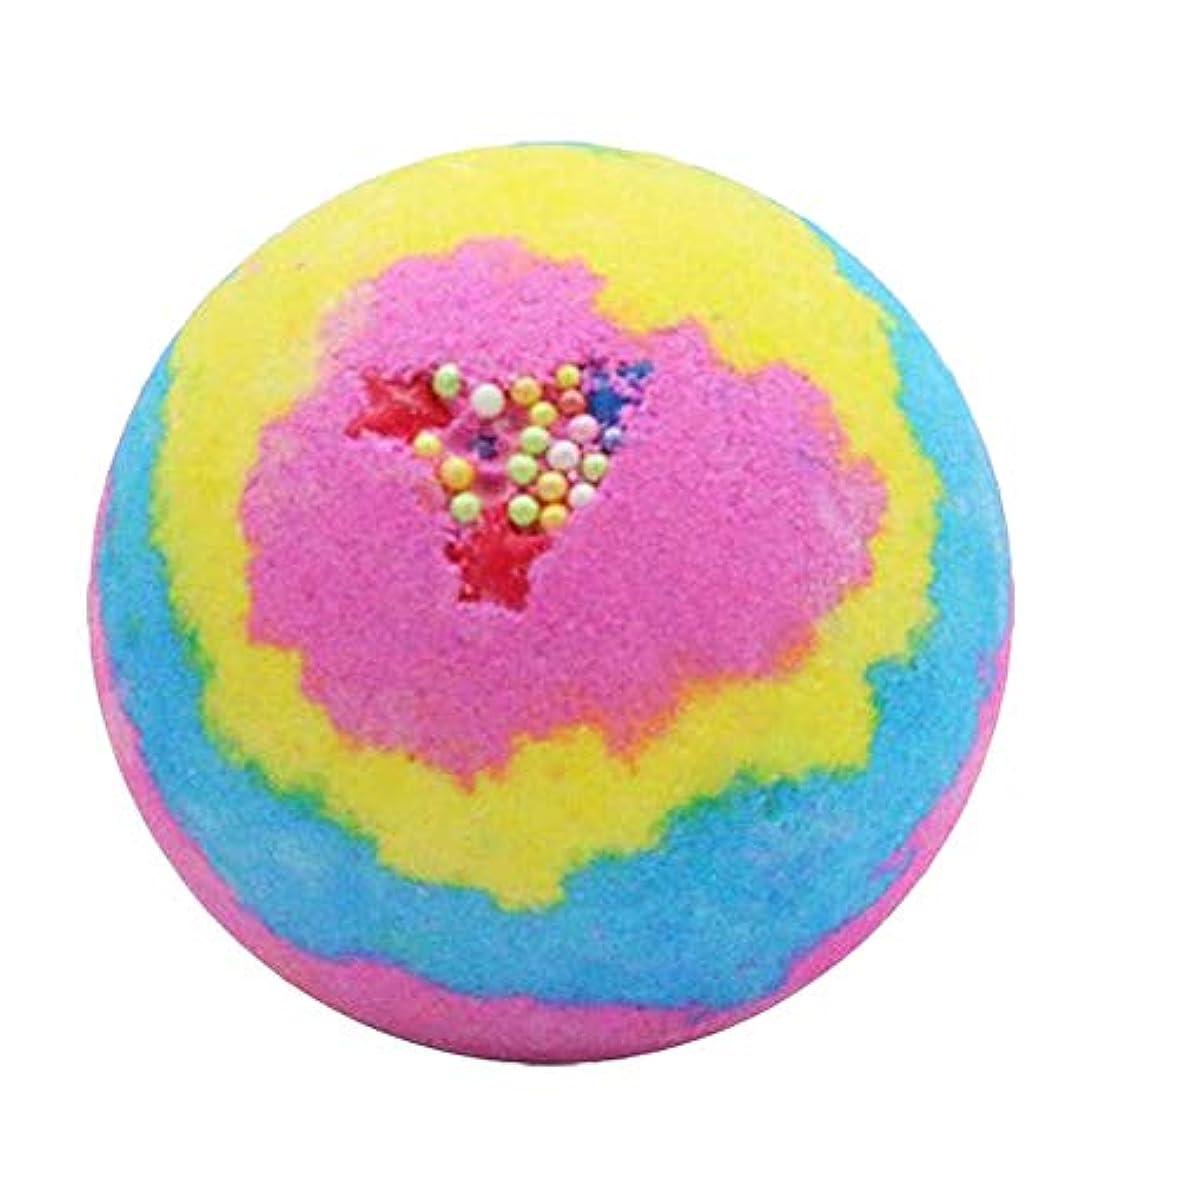 現代帽子ビジュアルRETYLY レインボー ローズ入浴ボムズボール、スパ 誕生日プレゼント 潤いを与えます 女性のため、彼女のためのバスボムギフト